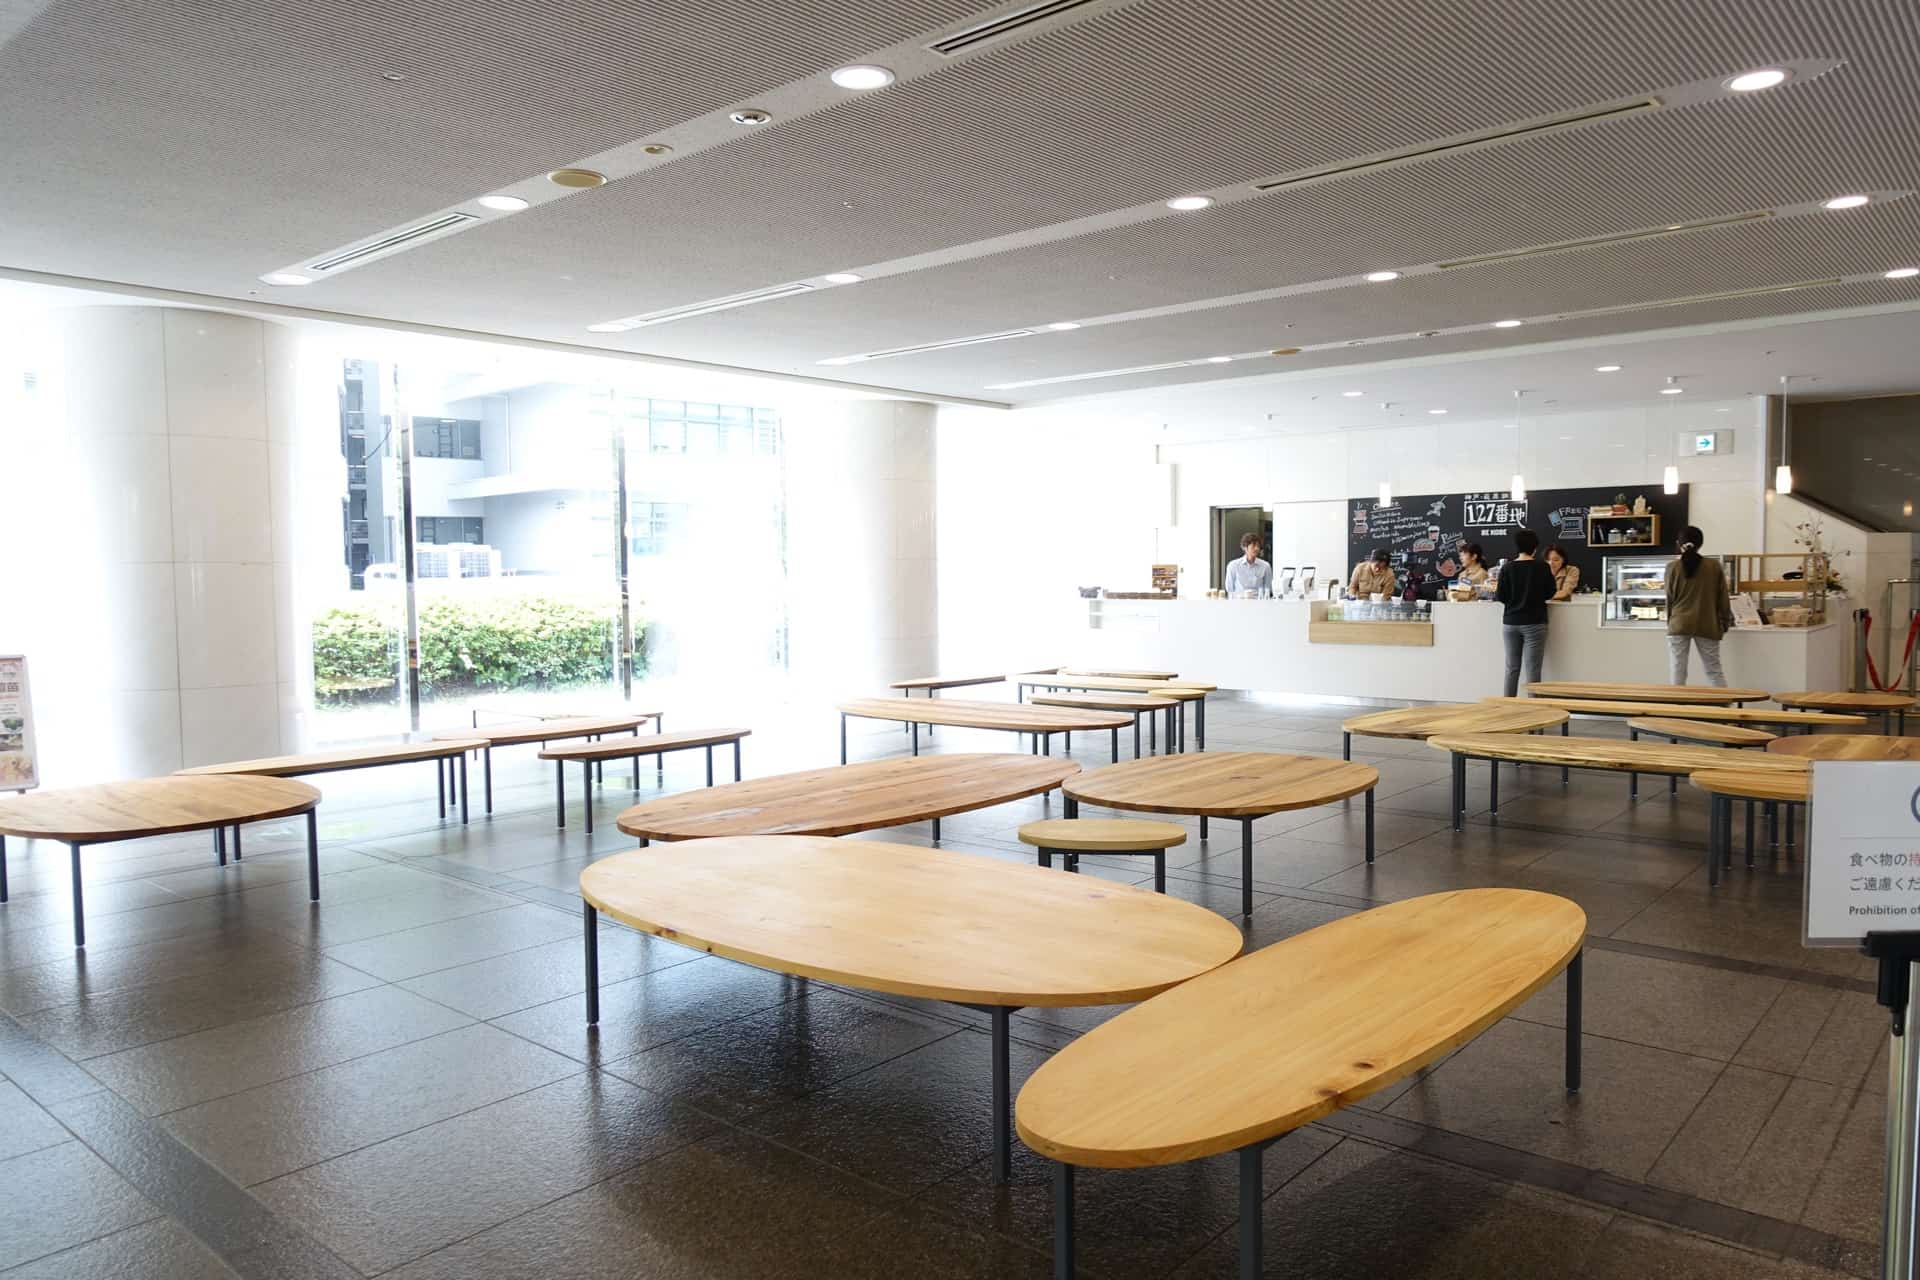 まるでカフェ!ここはまさかの神戸市役所のロビー。コーヒースタンドもあるよ